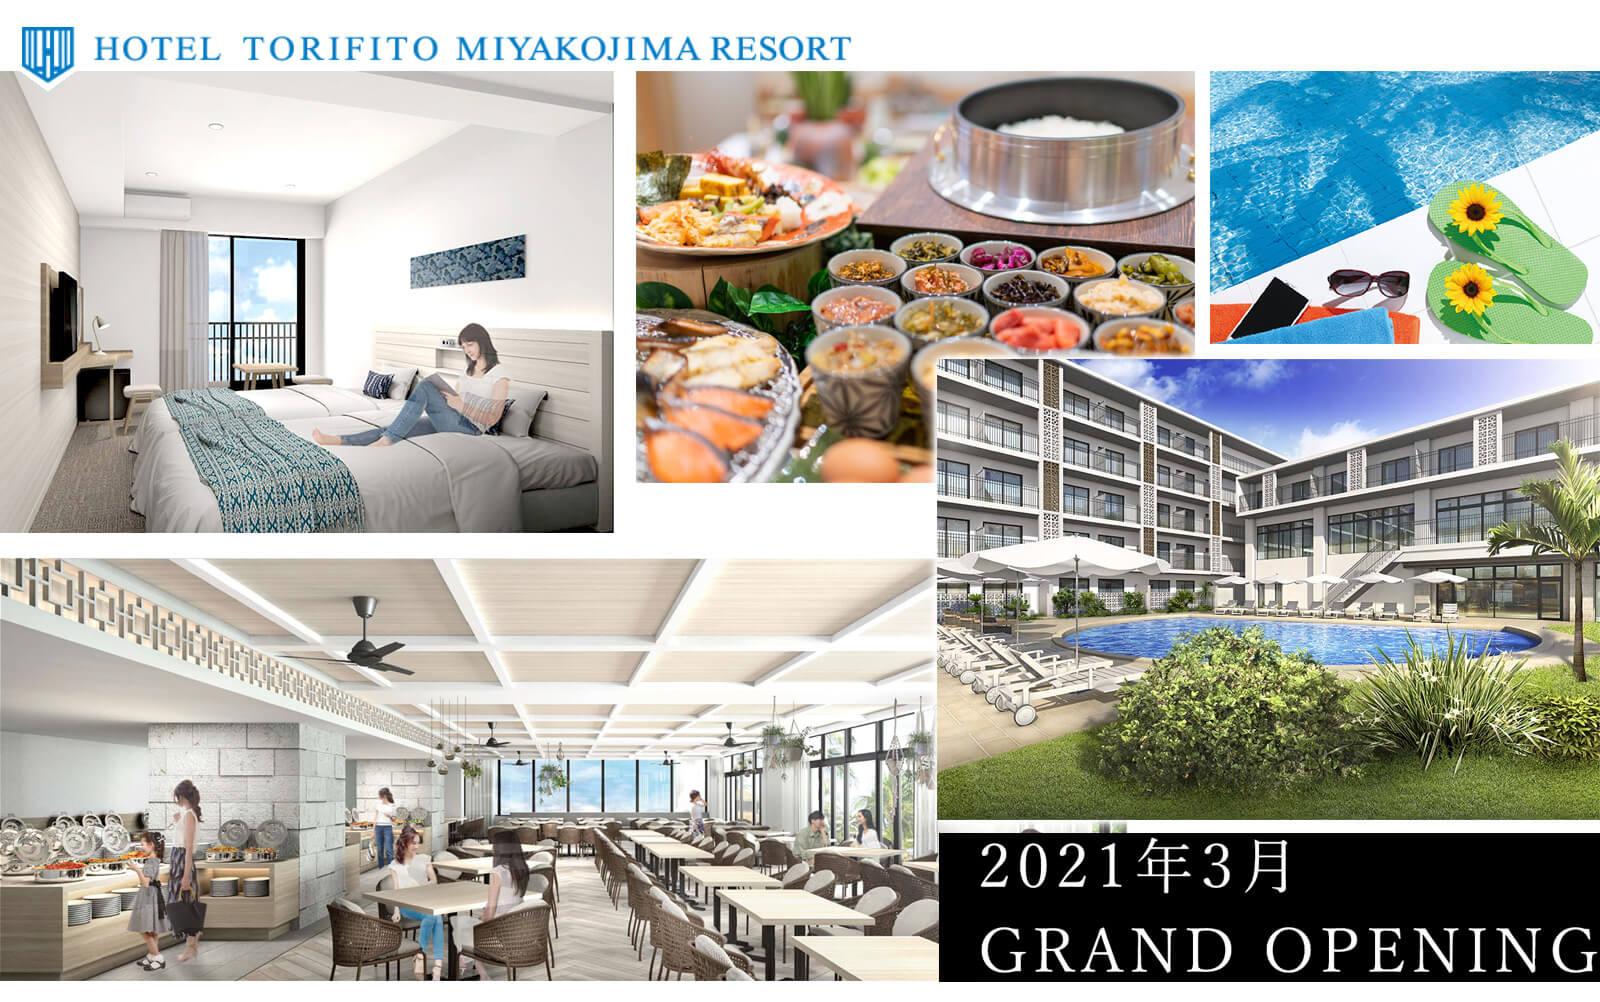 ホテル・トリフィート宮古島リゾート